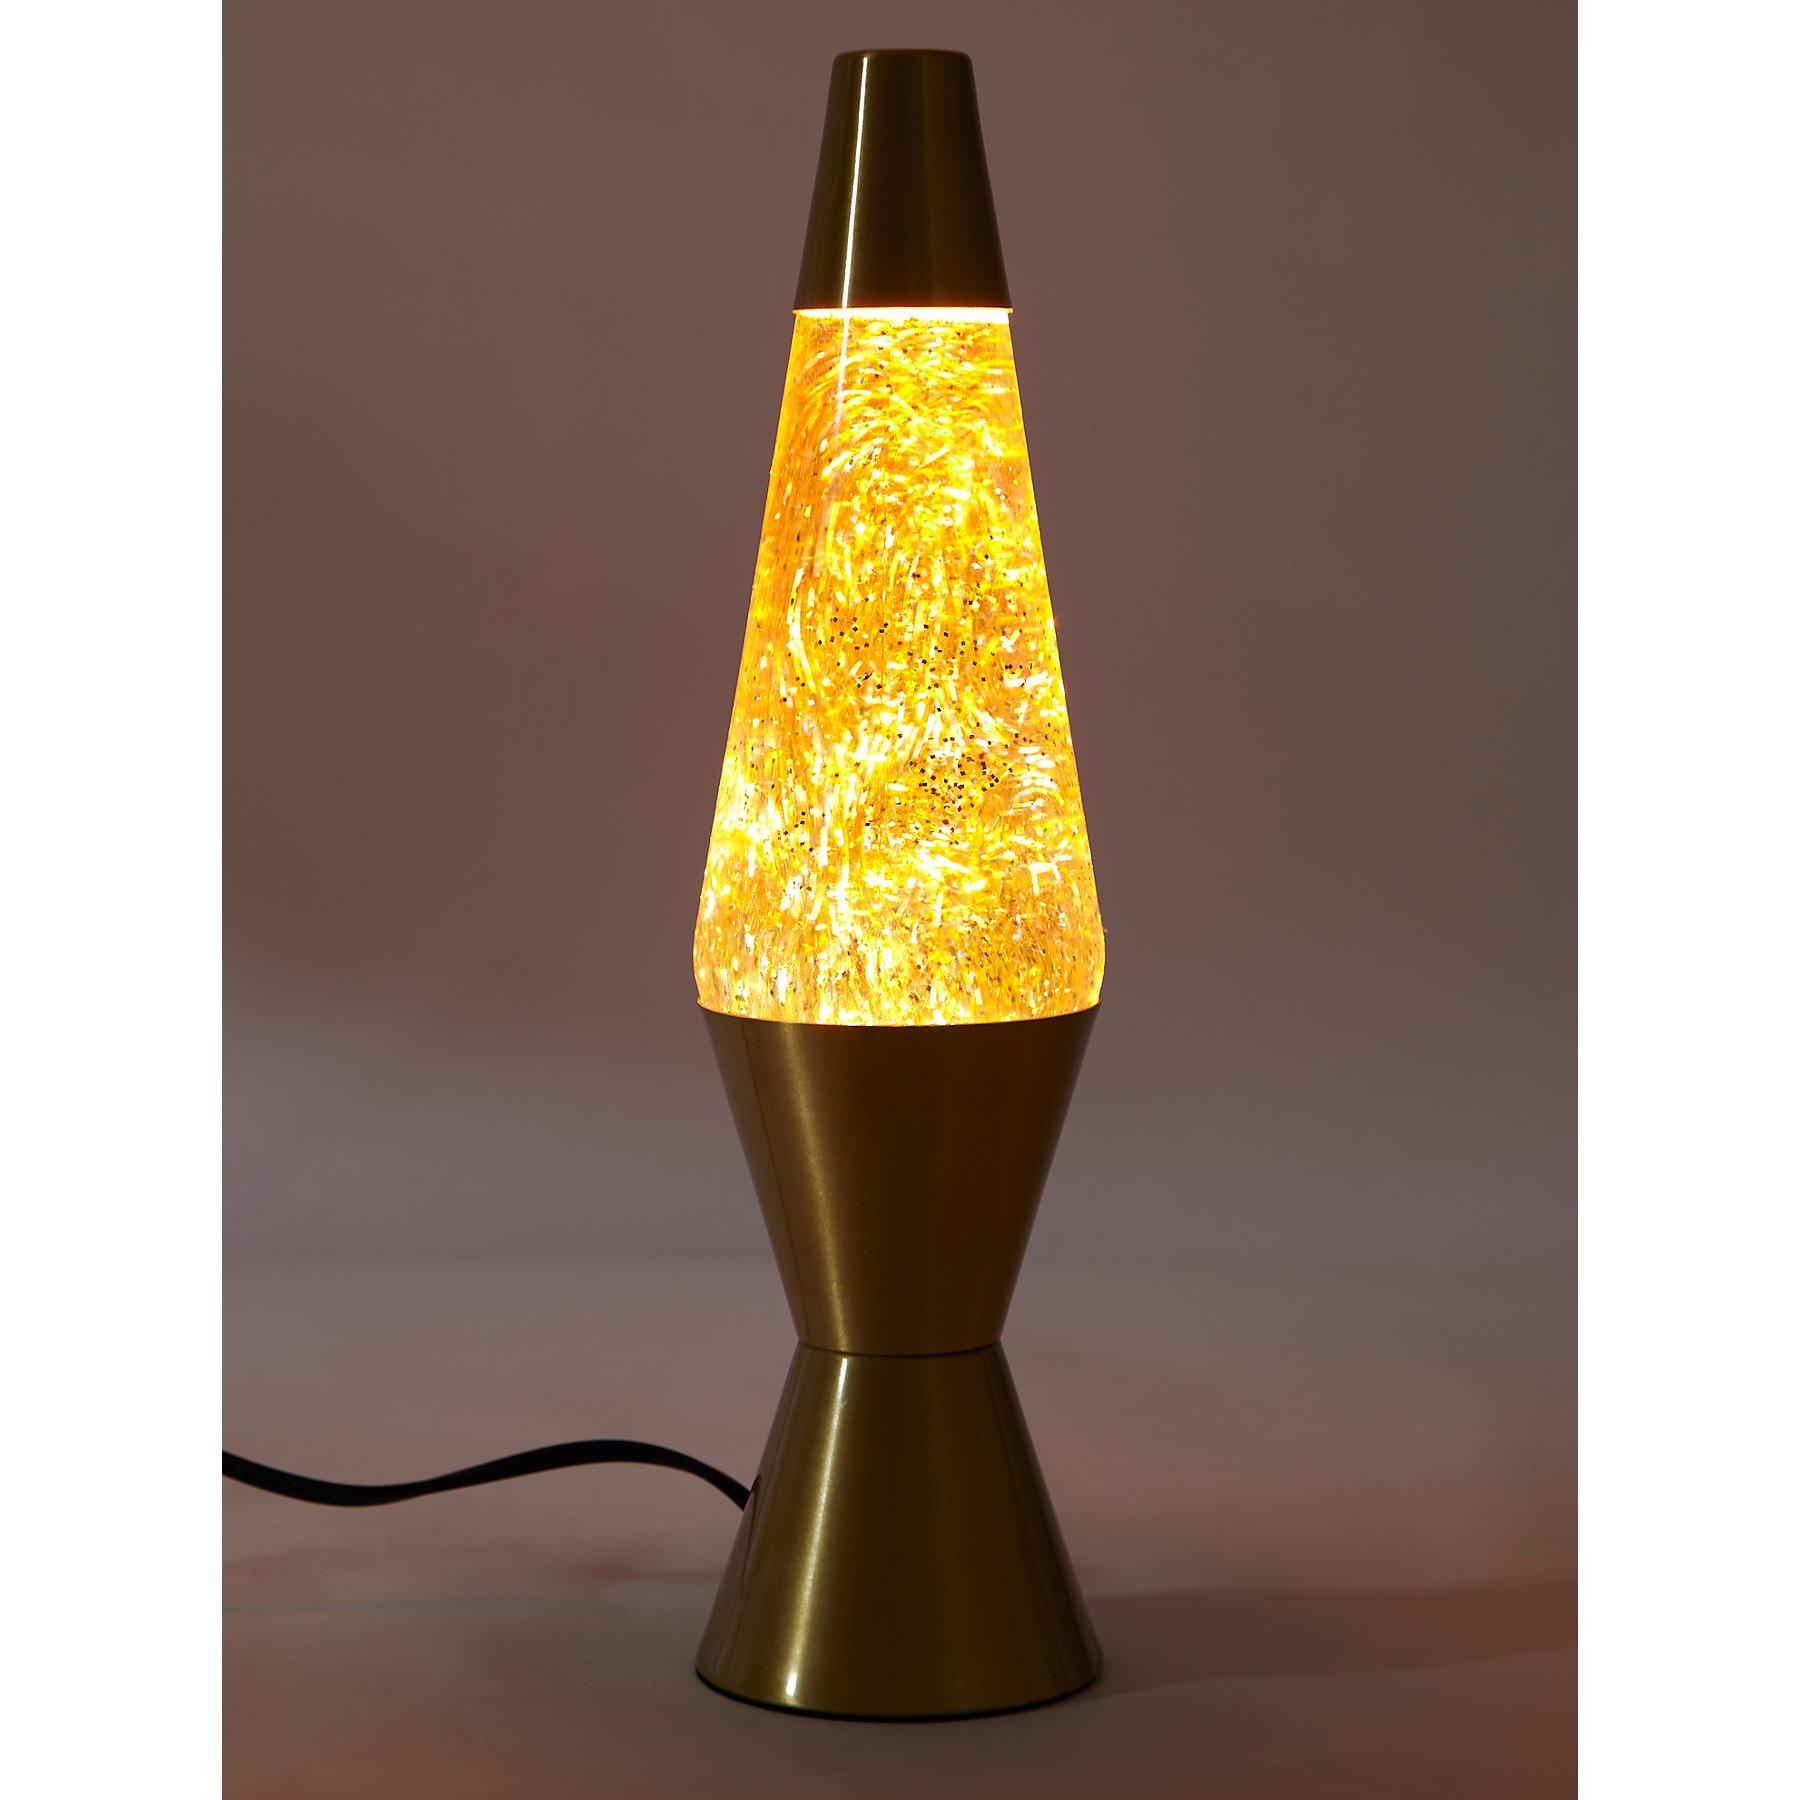 Lavalite Rainbow Glitter Lava Lamp - £12 at George